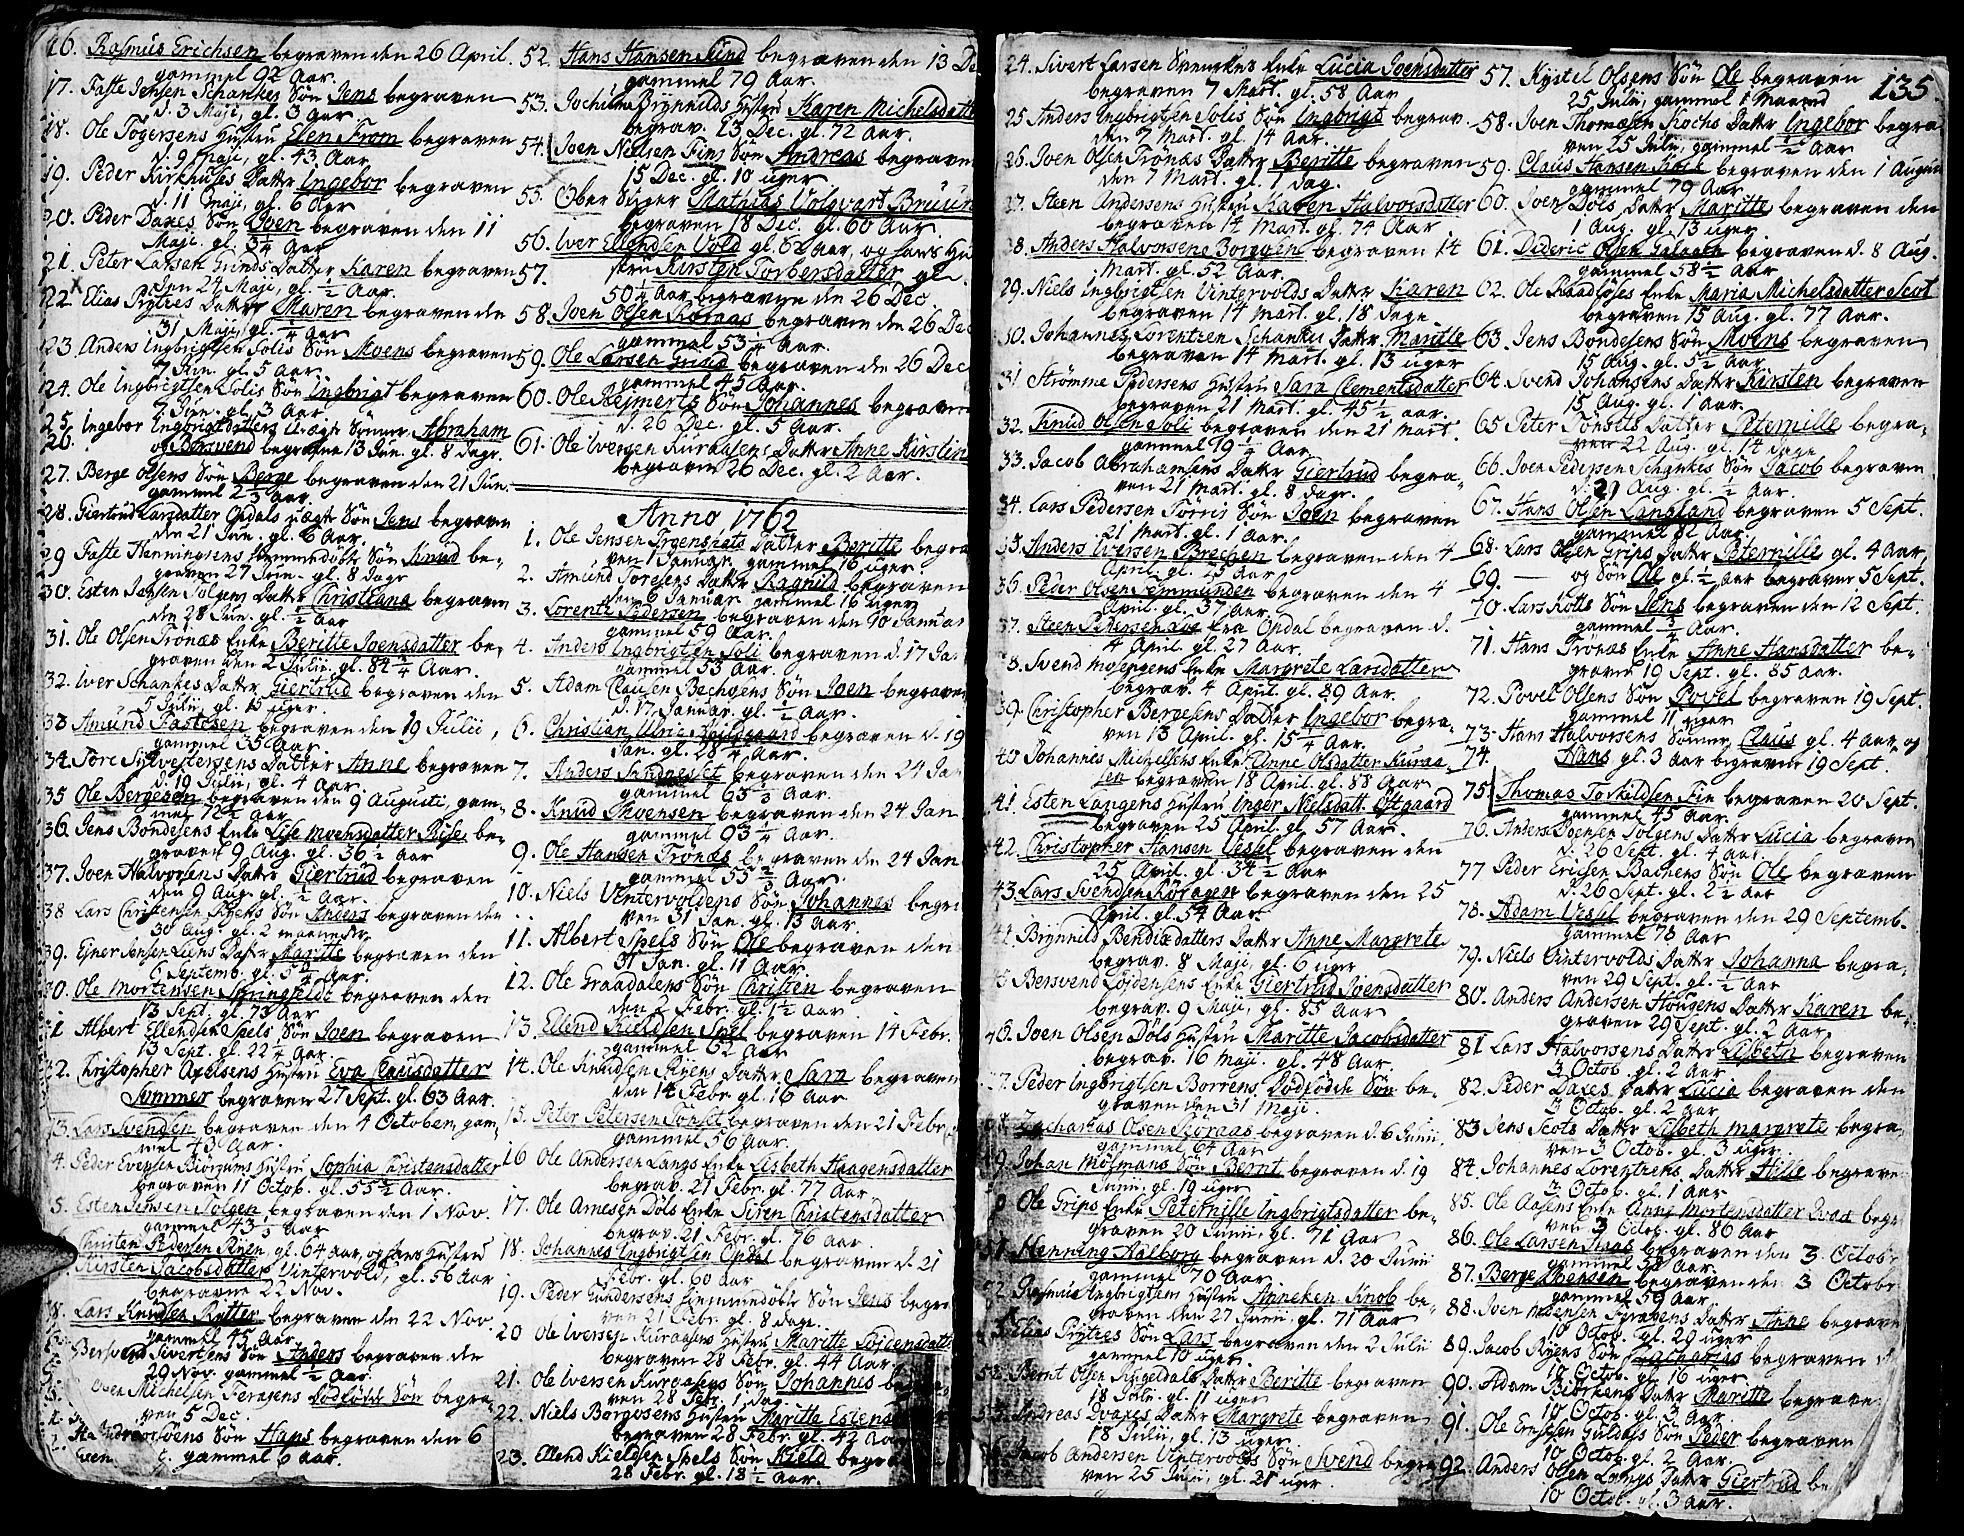 SAT, Ministerialprotokoller, klokkerbøker og fødselsregistre - Sør-Trøndelag, 681/L0925: Ministerialbok nr. 681A03, 1727-1766, s. 135